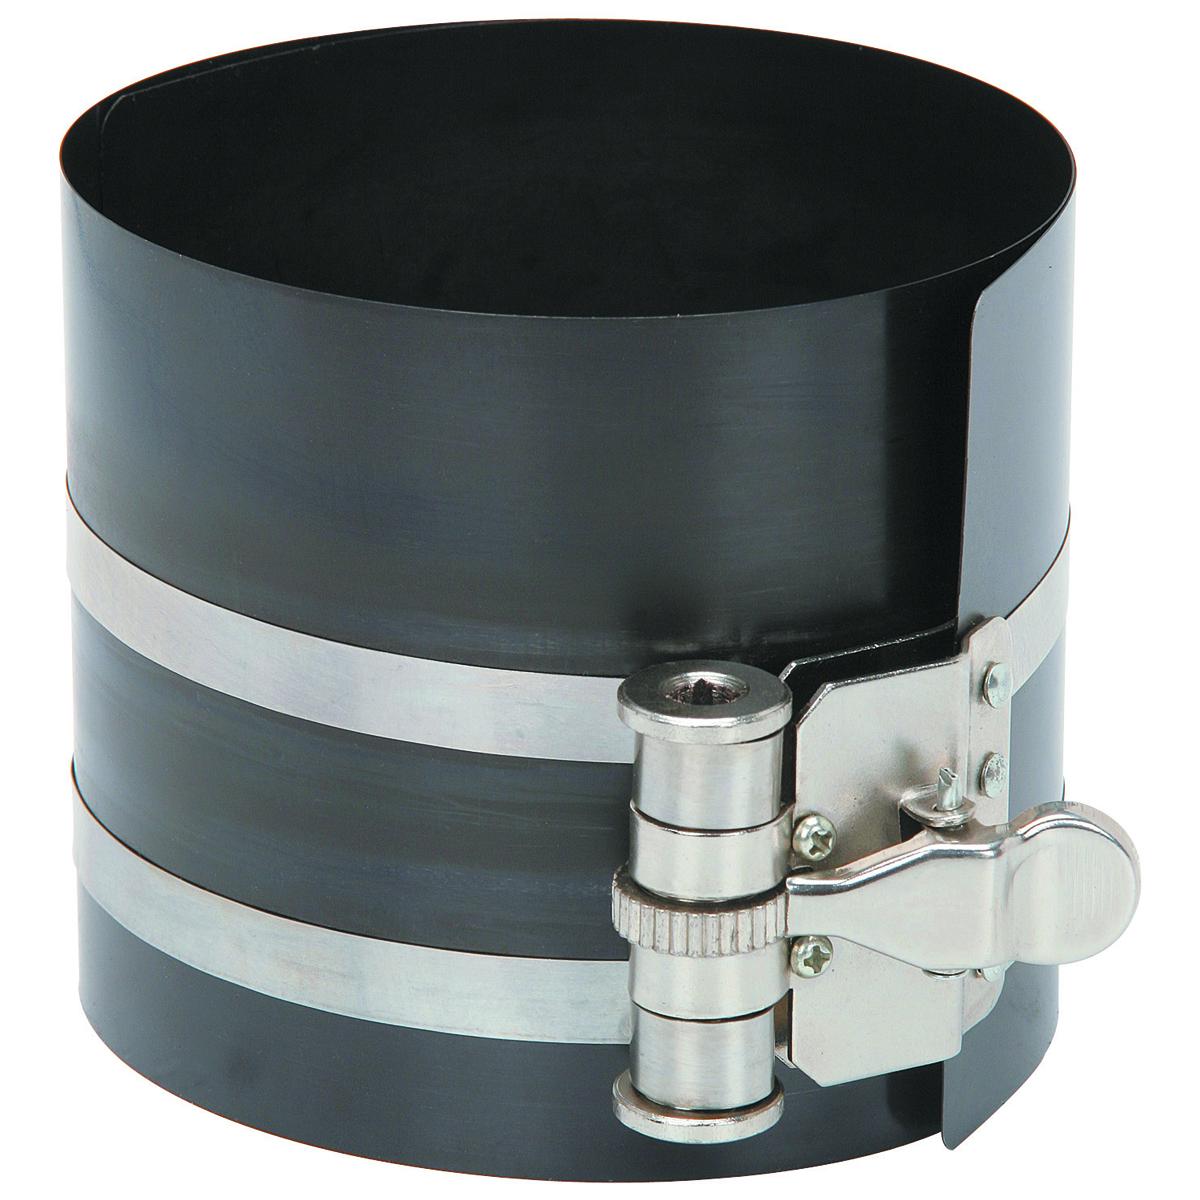 """Piston Ring Compressor - 4"""" Piston Ring Compressor for Piston Ring Clamp  53kxo"""